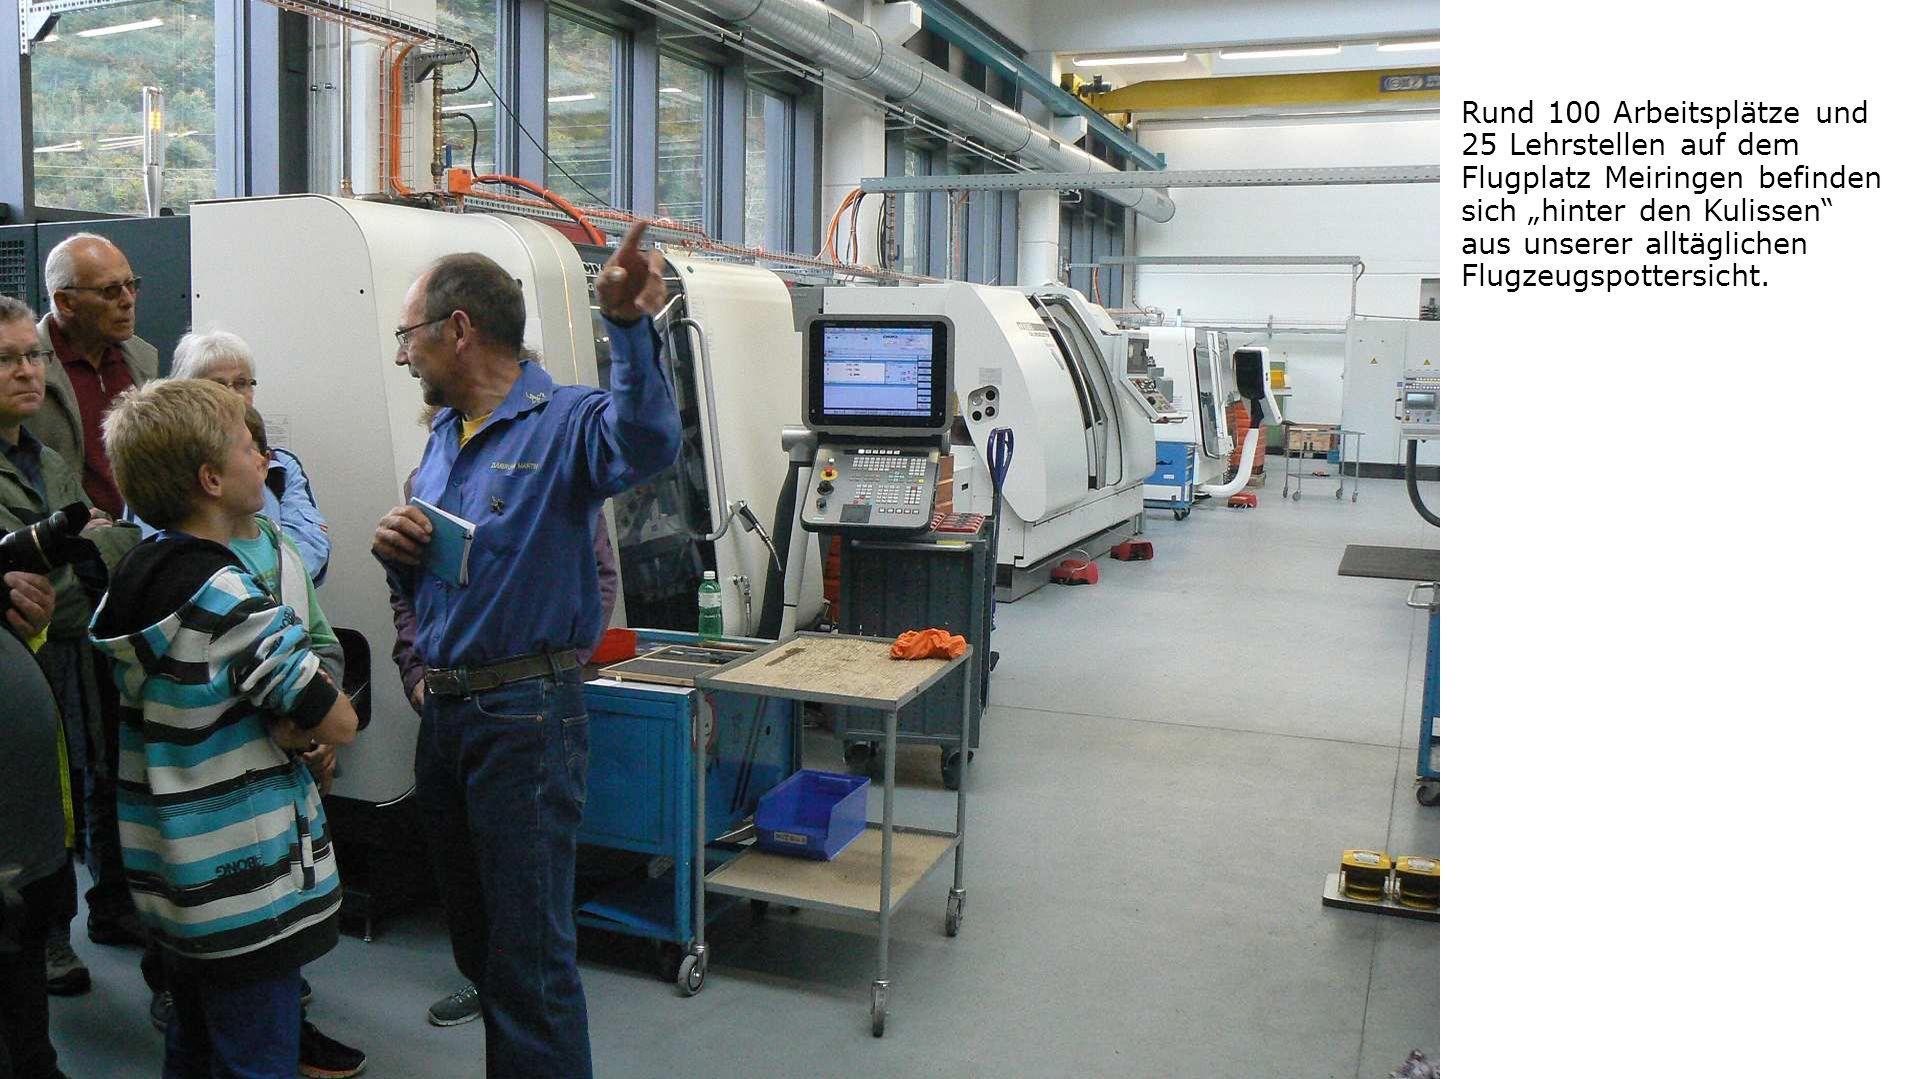 """Rund 100 Arbeitsplätze und 25 Lehrstellen auf dem Flugplatz Meiringen befinden sich """"hinter den Kulissen aus unserer alltäglichen Flugzeugspottersicht."""